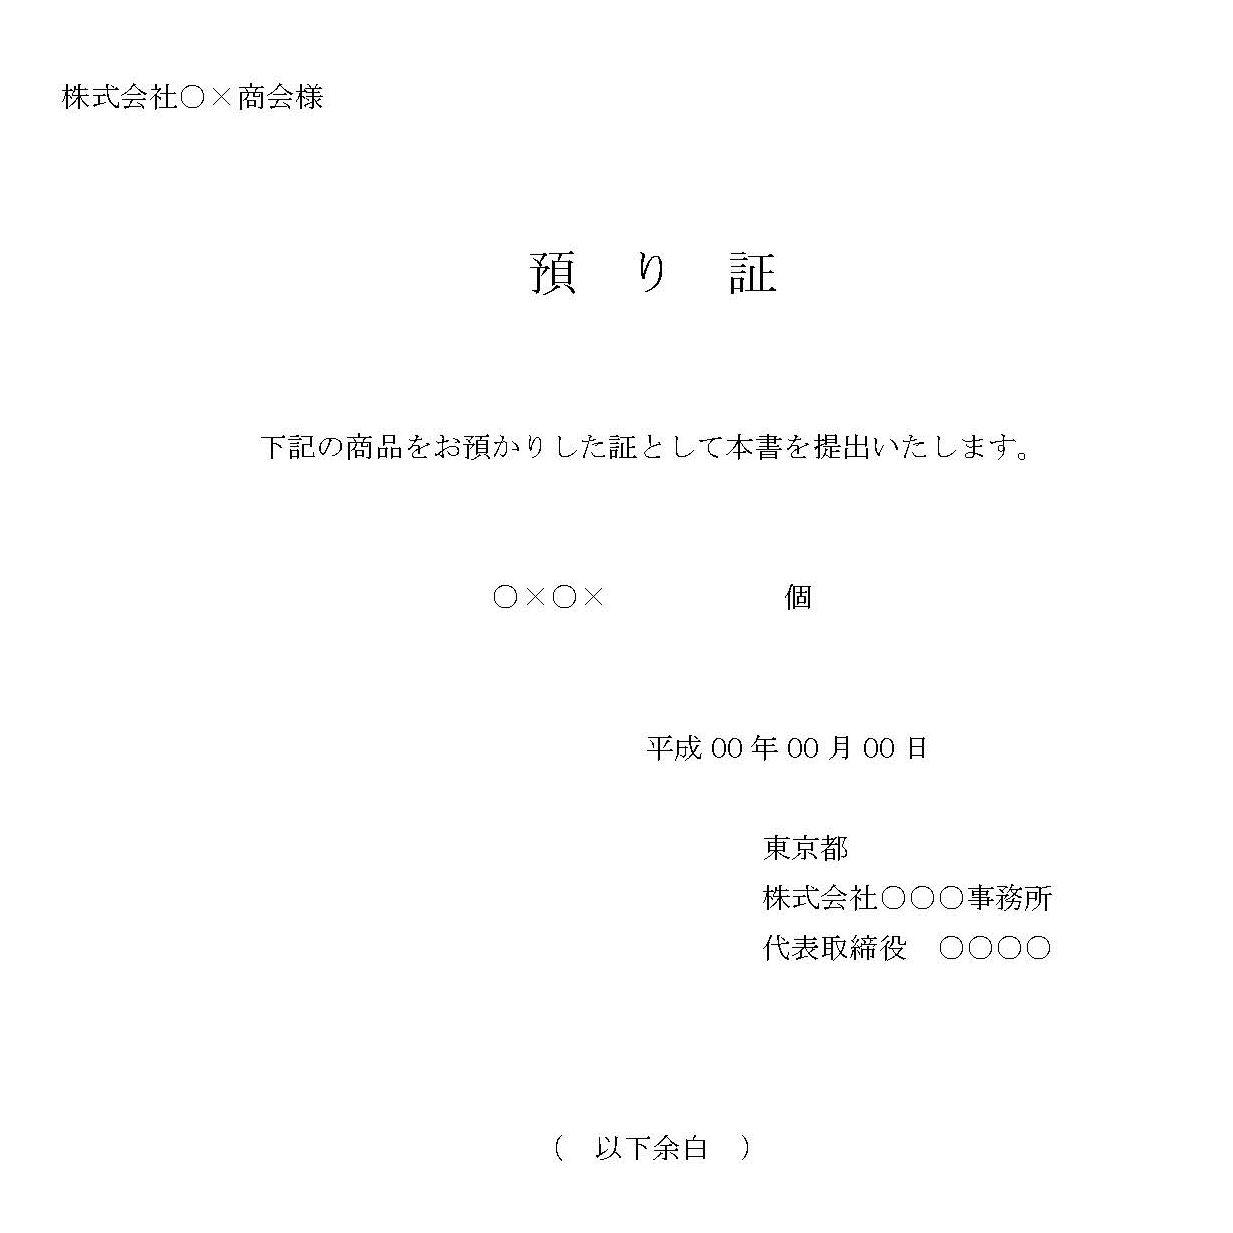 預り証01